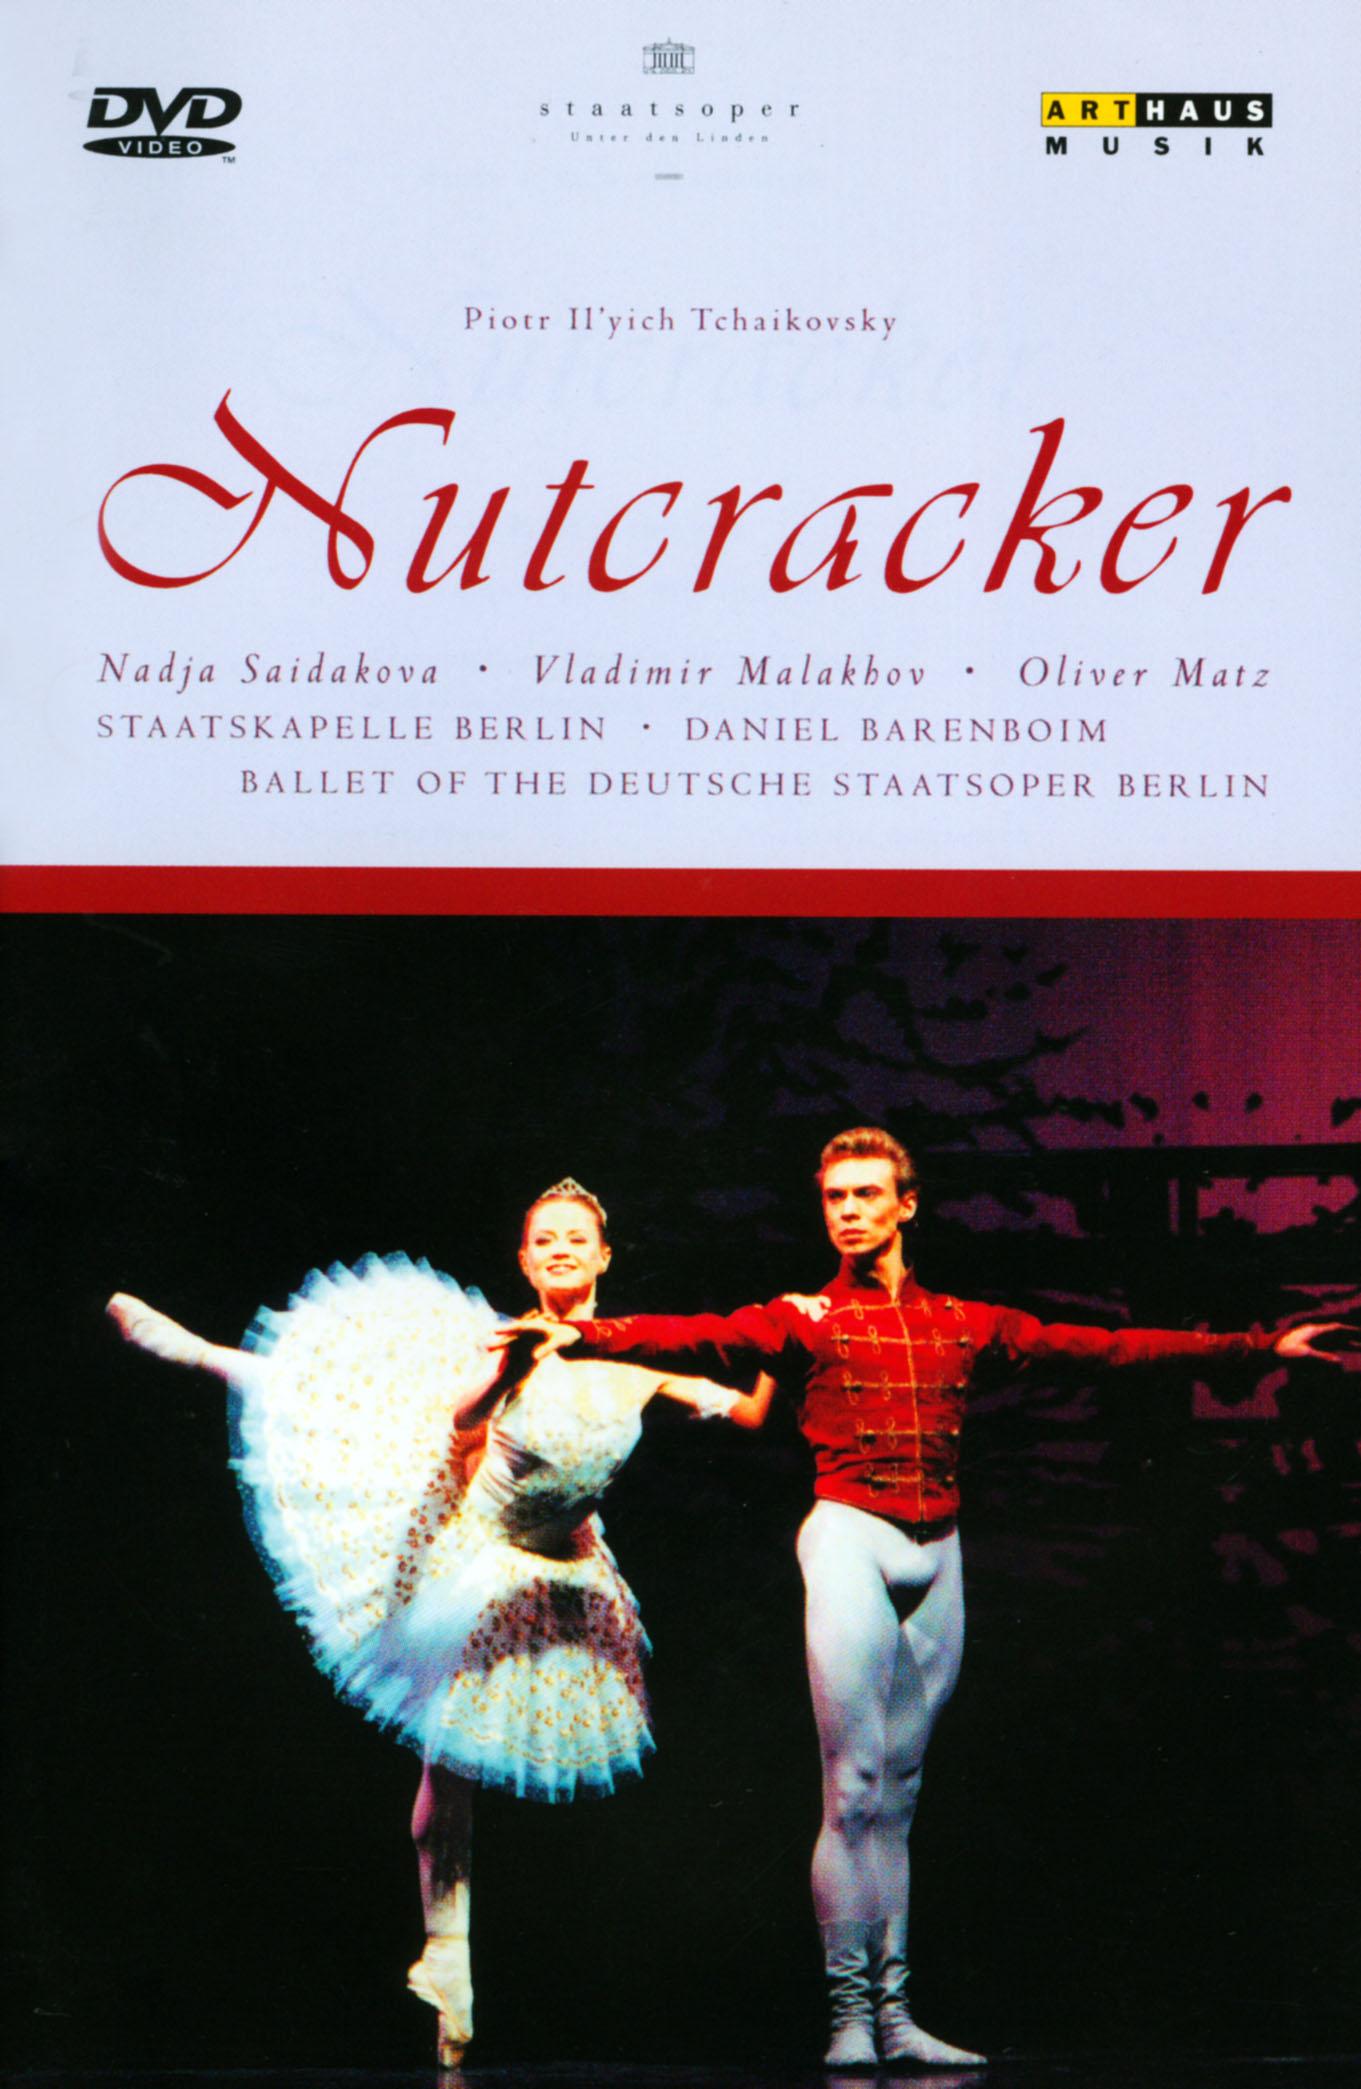 Nutcracker (Deutsche Staatsoper Berlin)